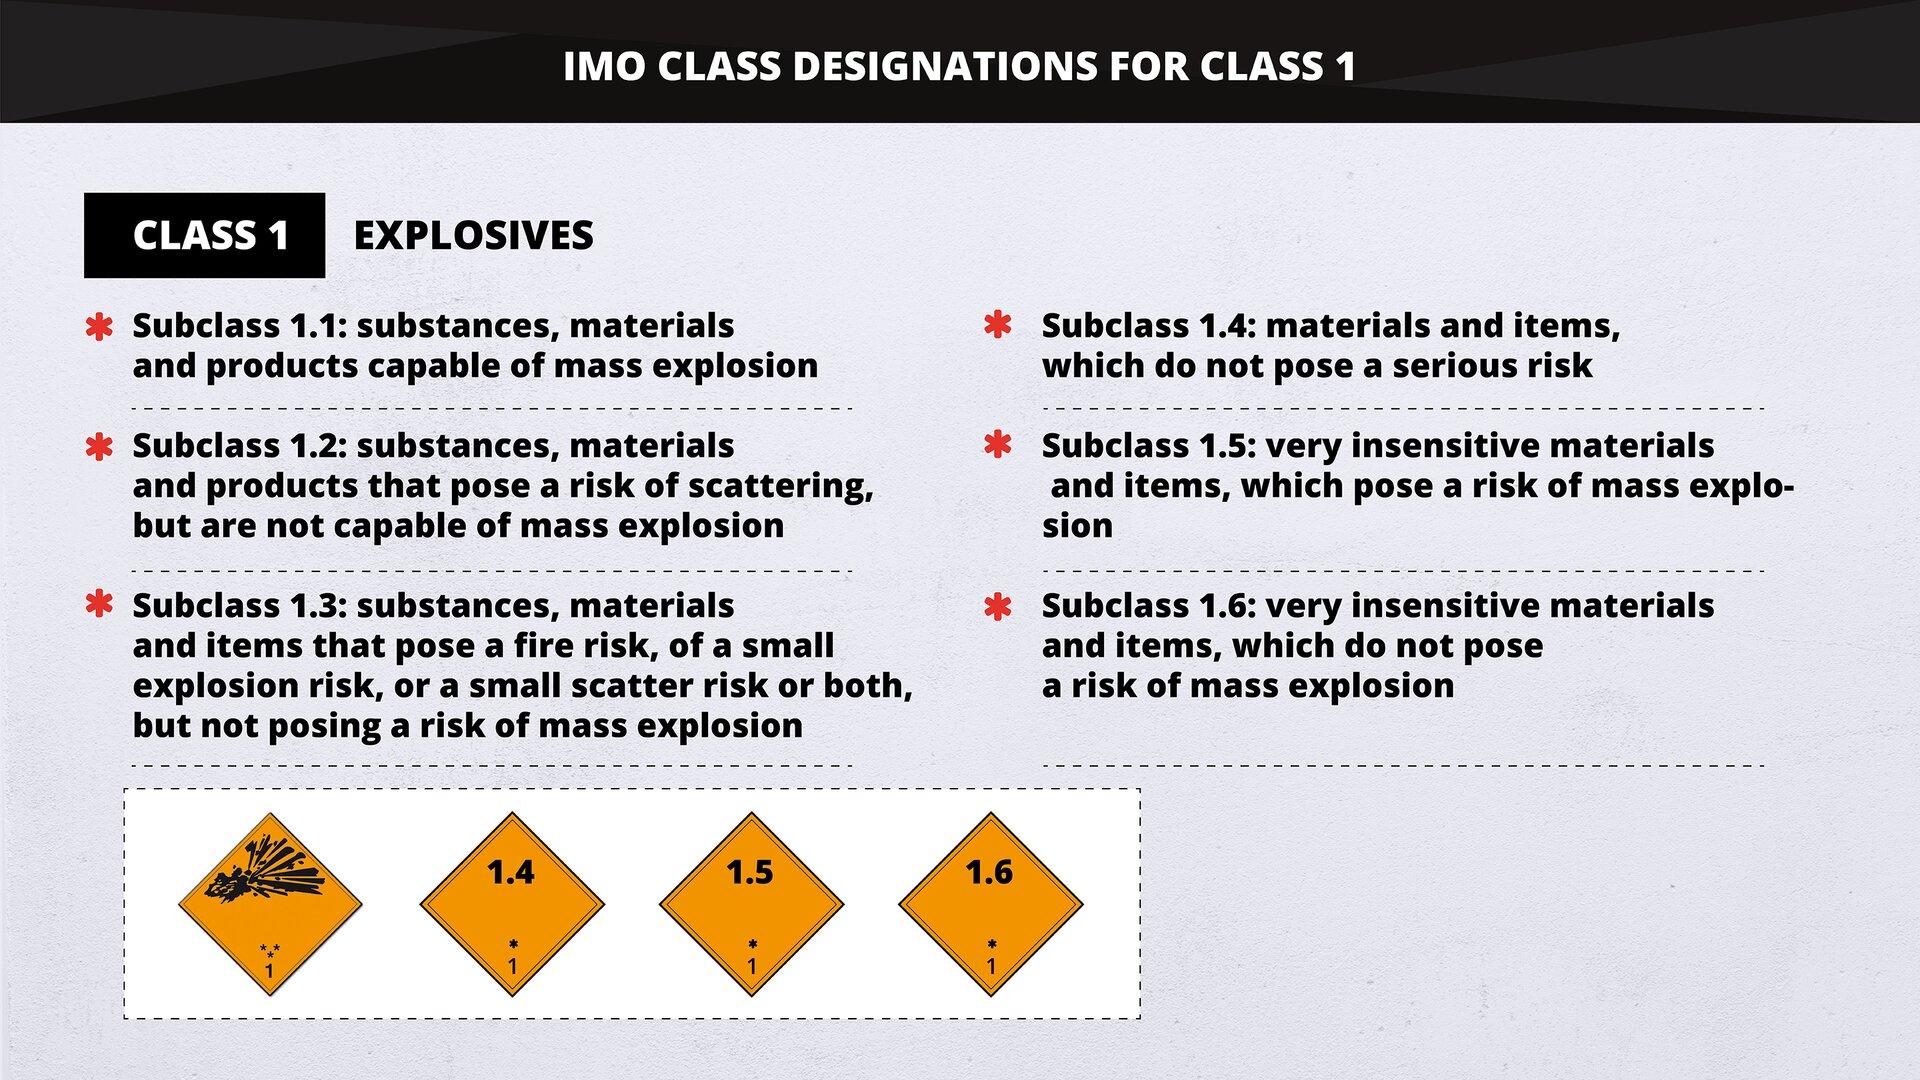 The graphics demonstrates IMO Class designations for classes 1, 2 and 3. Substances such as mixtures and solutions and articles subject to IMDG provisions are assigned to one of 9 classes depending on the hazard and the most common hazards associated with them. Grafika przedstawia oznaczenia IMO Class dla klas 1, 2 i3. Substancje, wtym mieszaniny iroztwory oraz artykuły zzastrzeżeniem postanowień IMDG są przypisane do jednej z9 klas wzależności od zagrożenia lub najczęstszych zagrożeń znimi związanych.